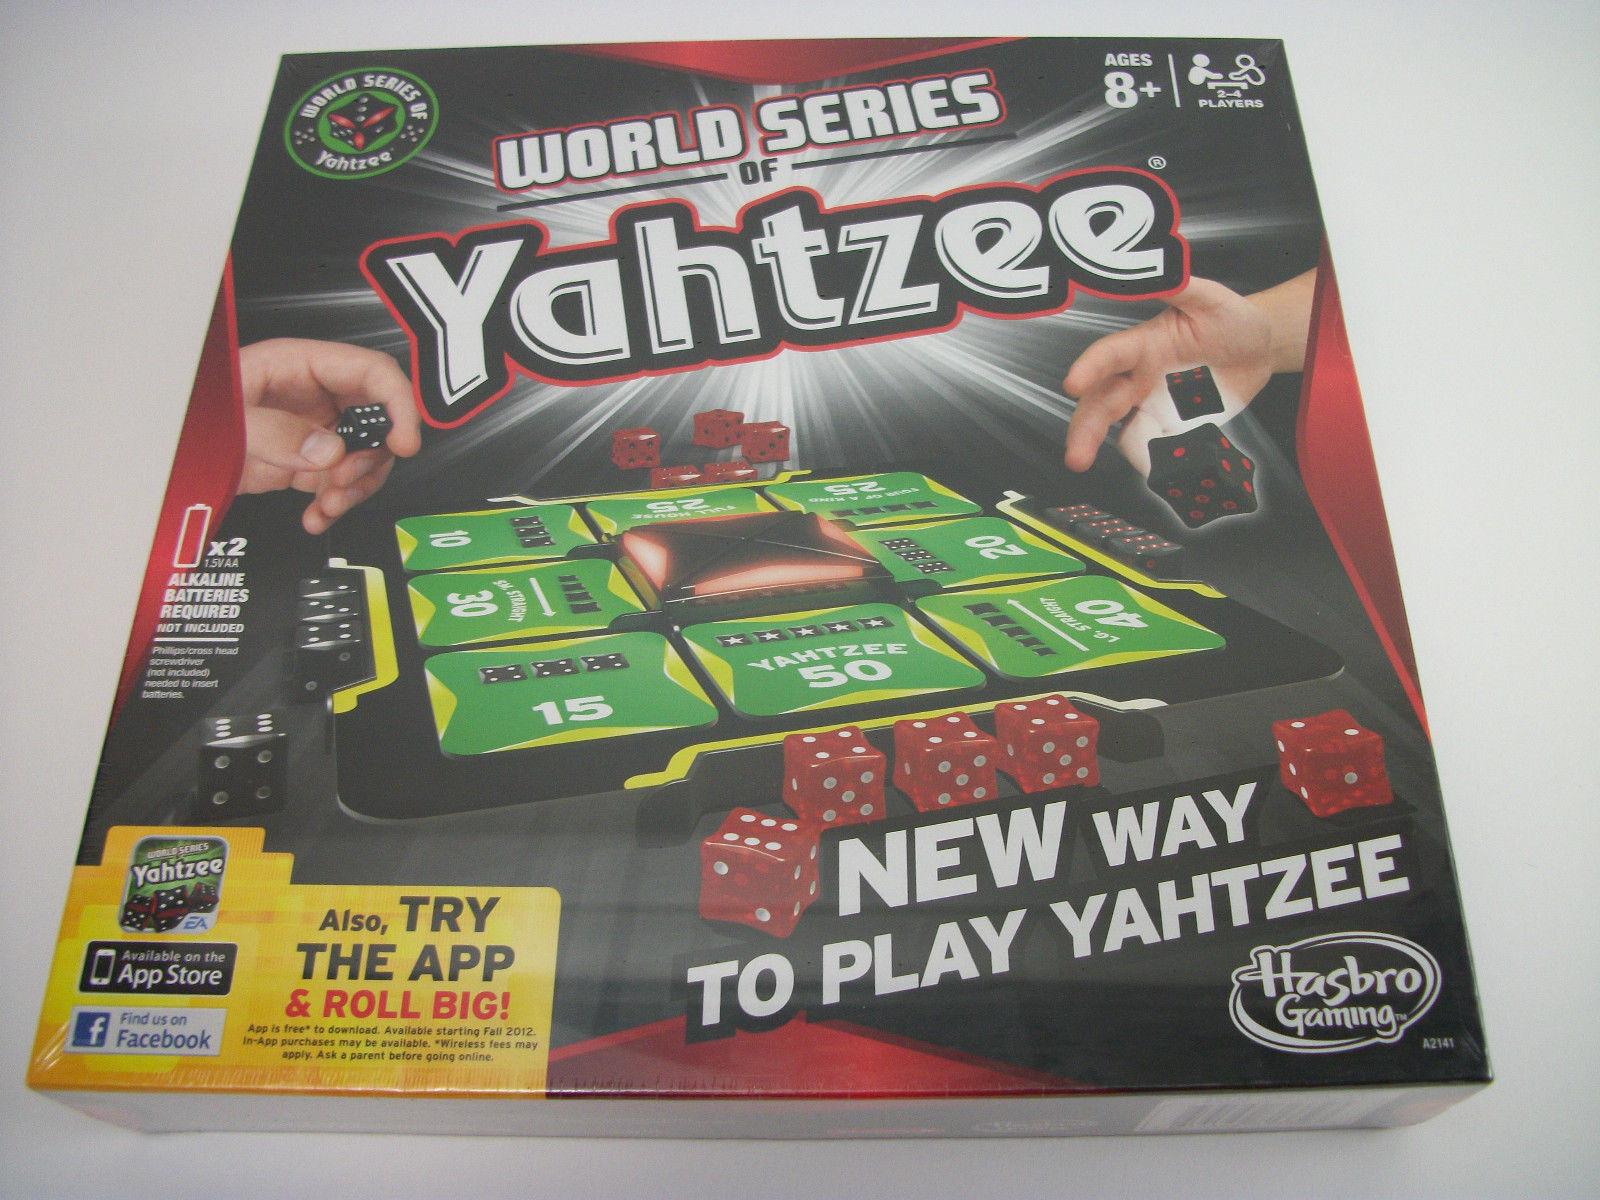 Hasbro yahtzee elektronischen spiel world series 2 bis 4 spieler classic im alter von 8 + new y